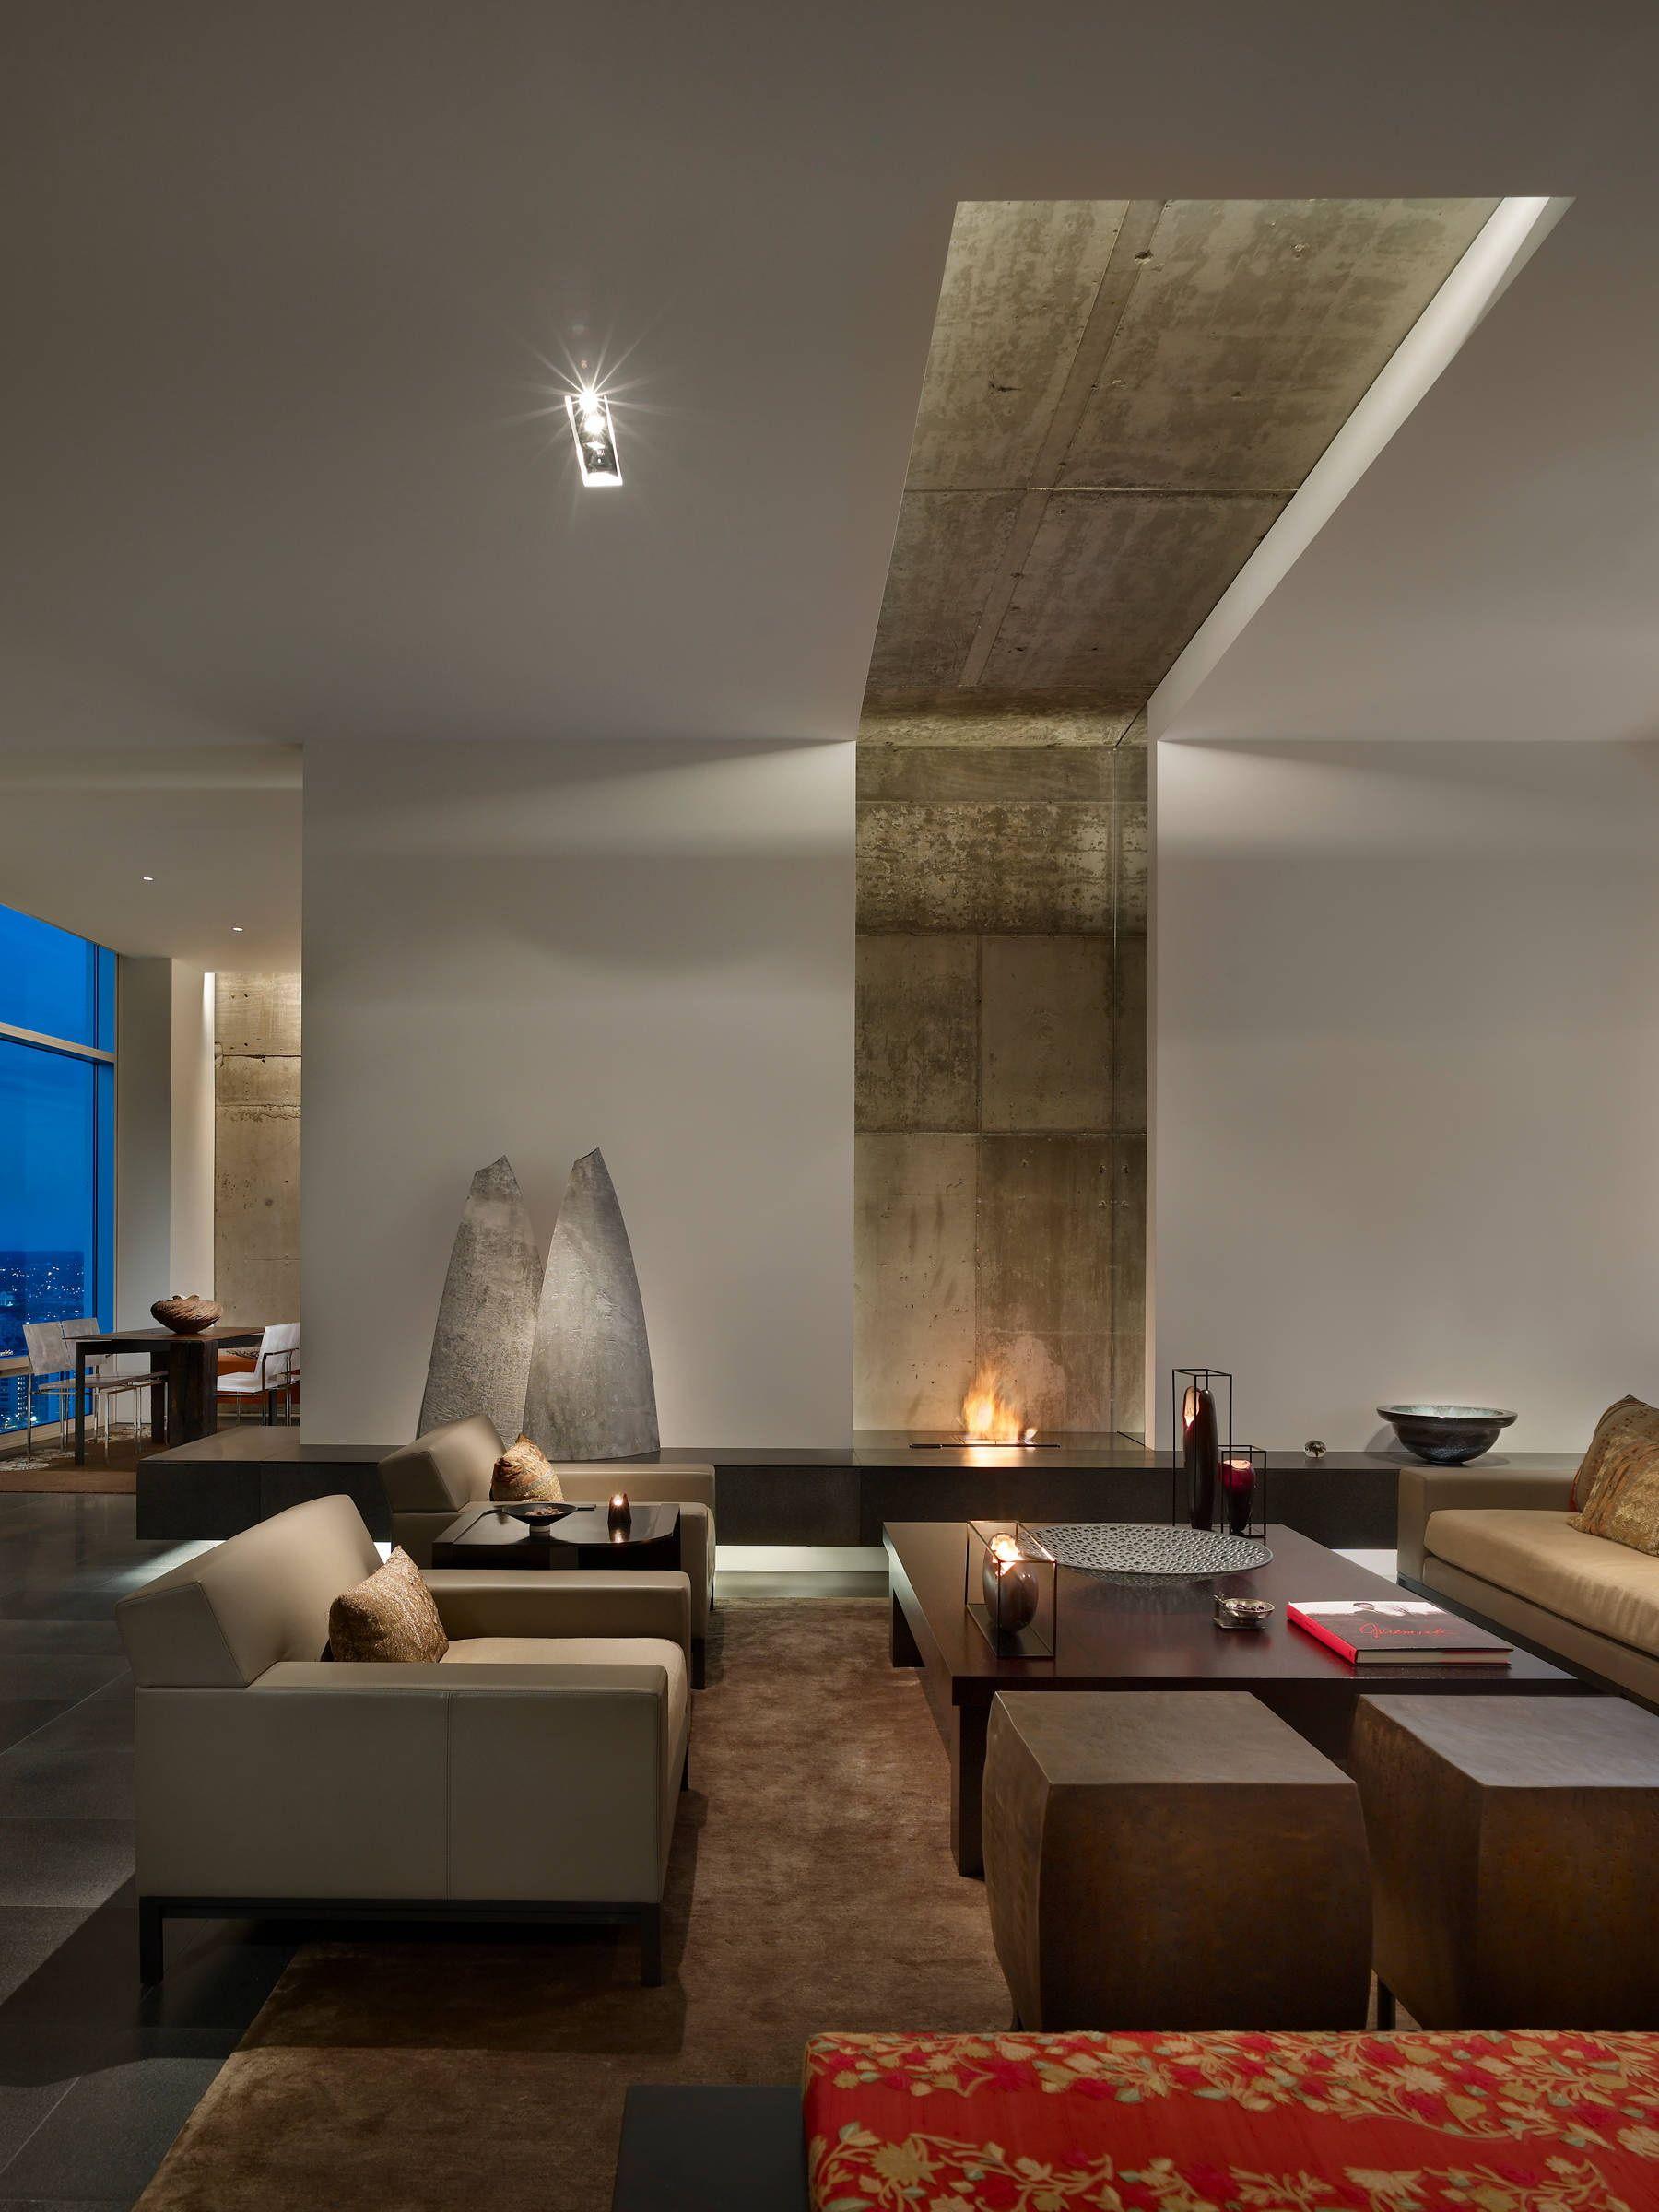 Натяжной потолок + камин + Воздушное отопление - Стройфорум ... | 2400x1800